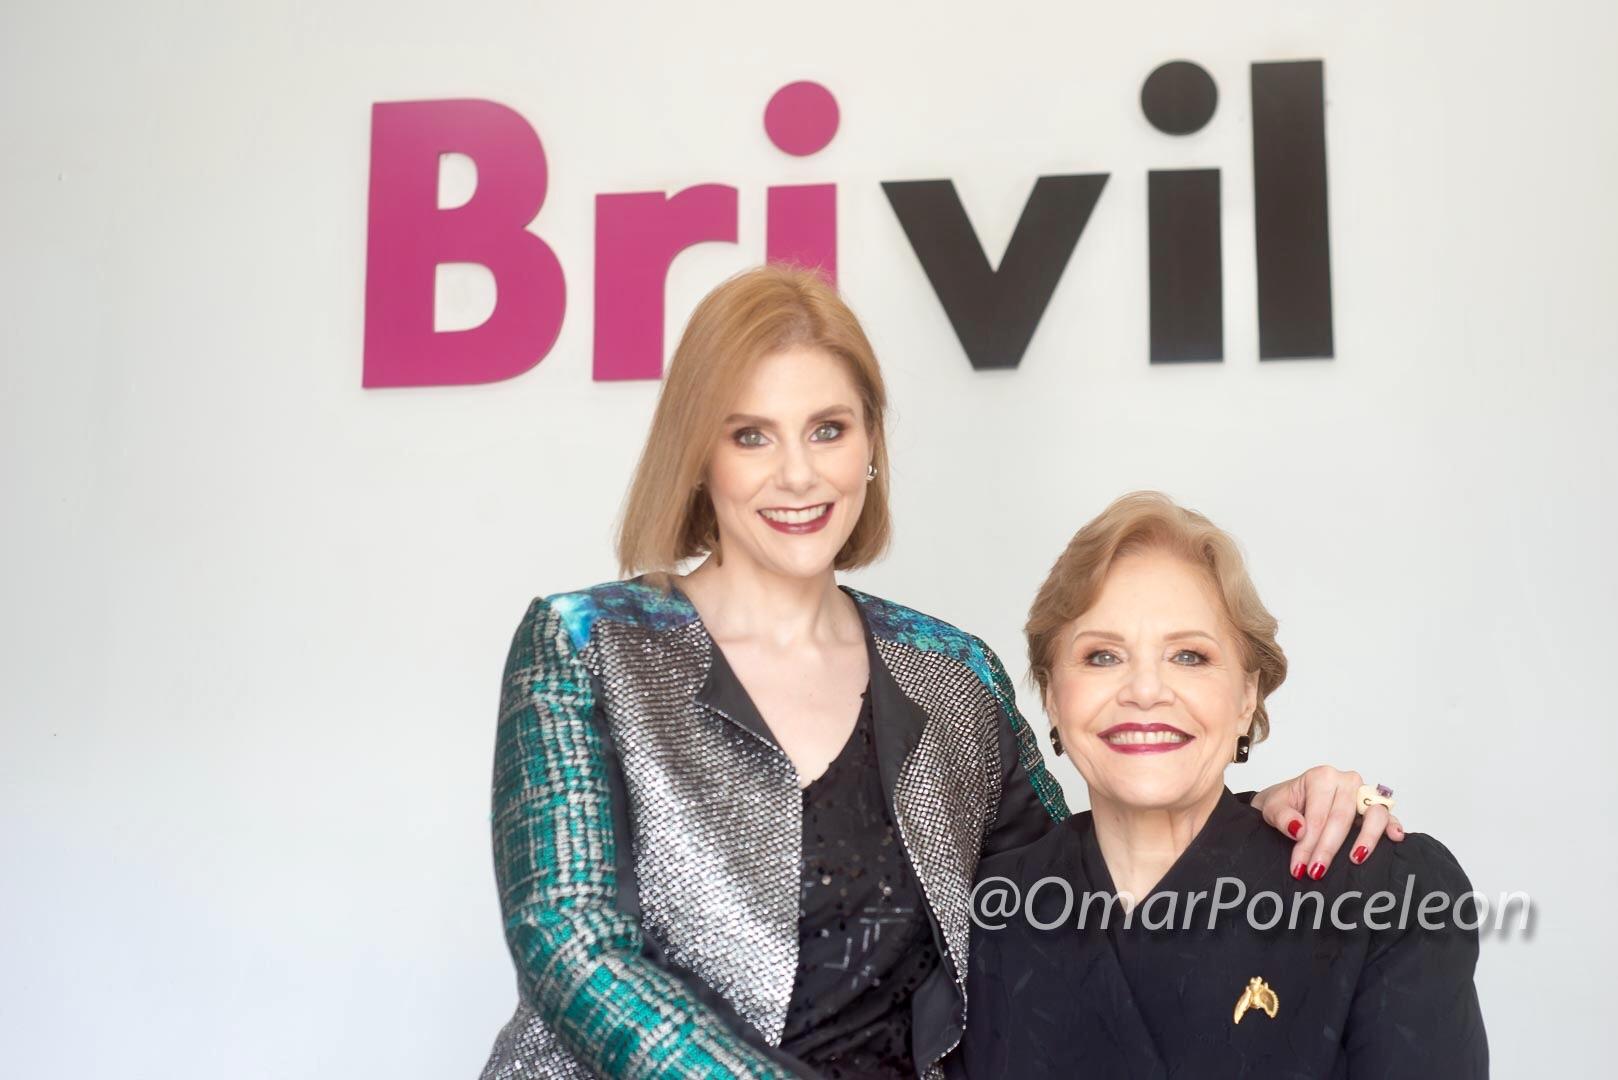 El Instituto Brivil sigue evolucionando con nuevo pensun